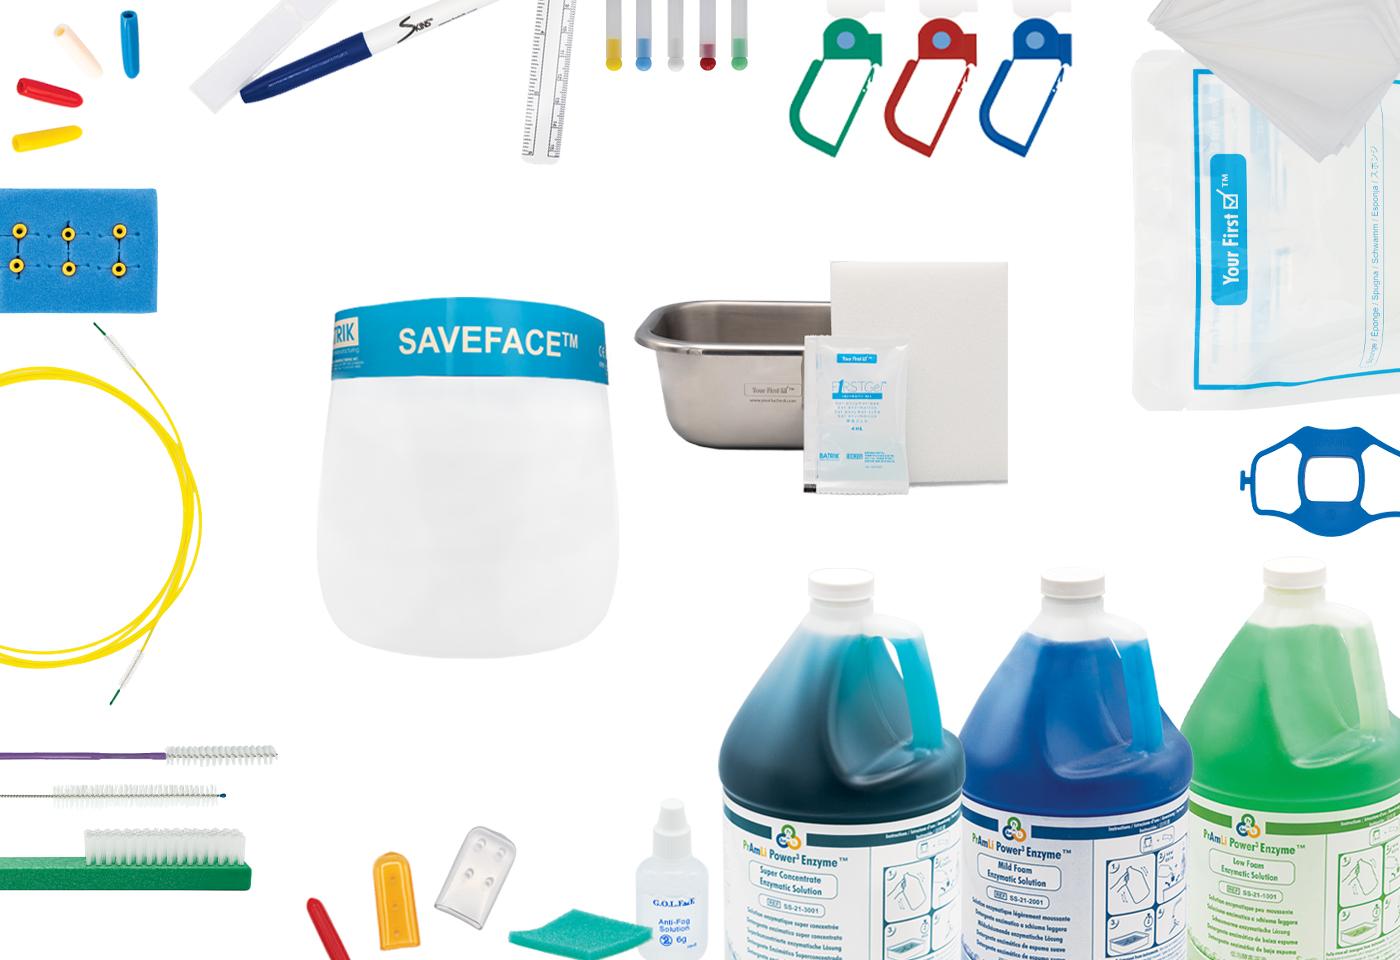 Batrk Product Images